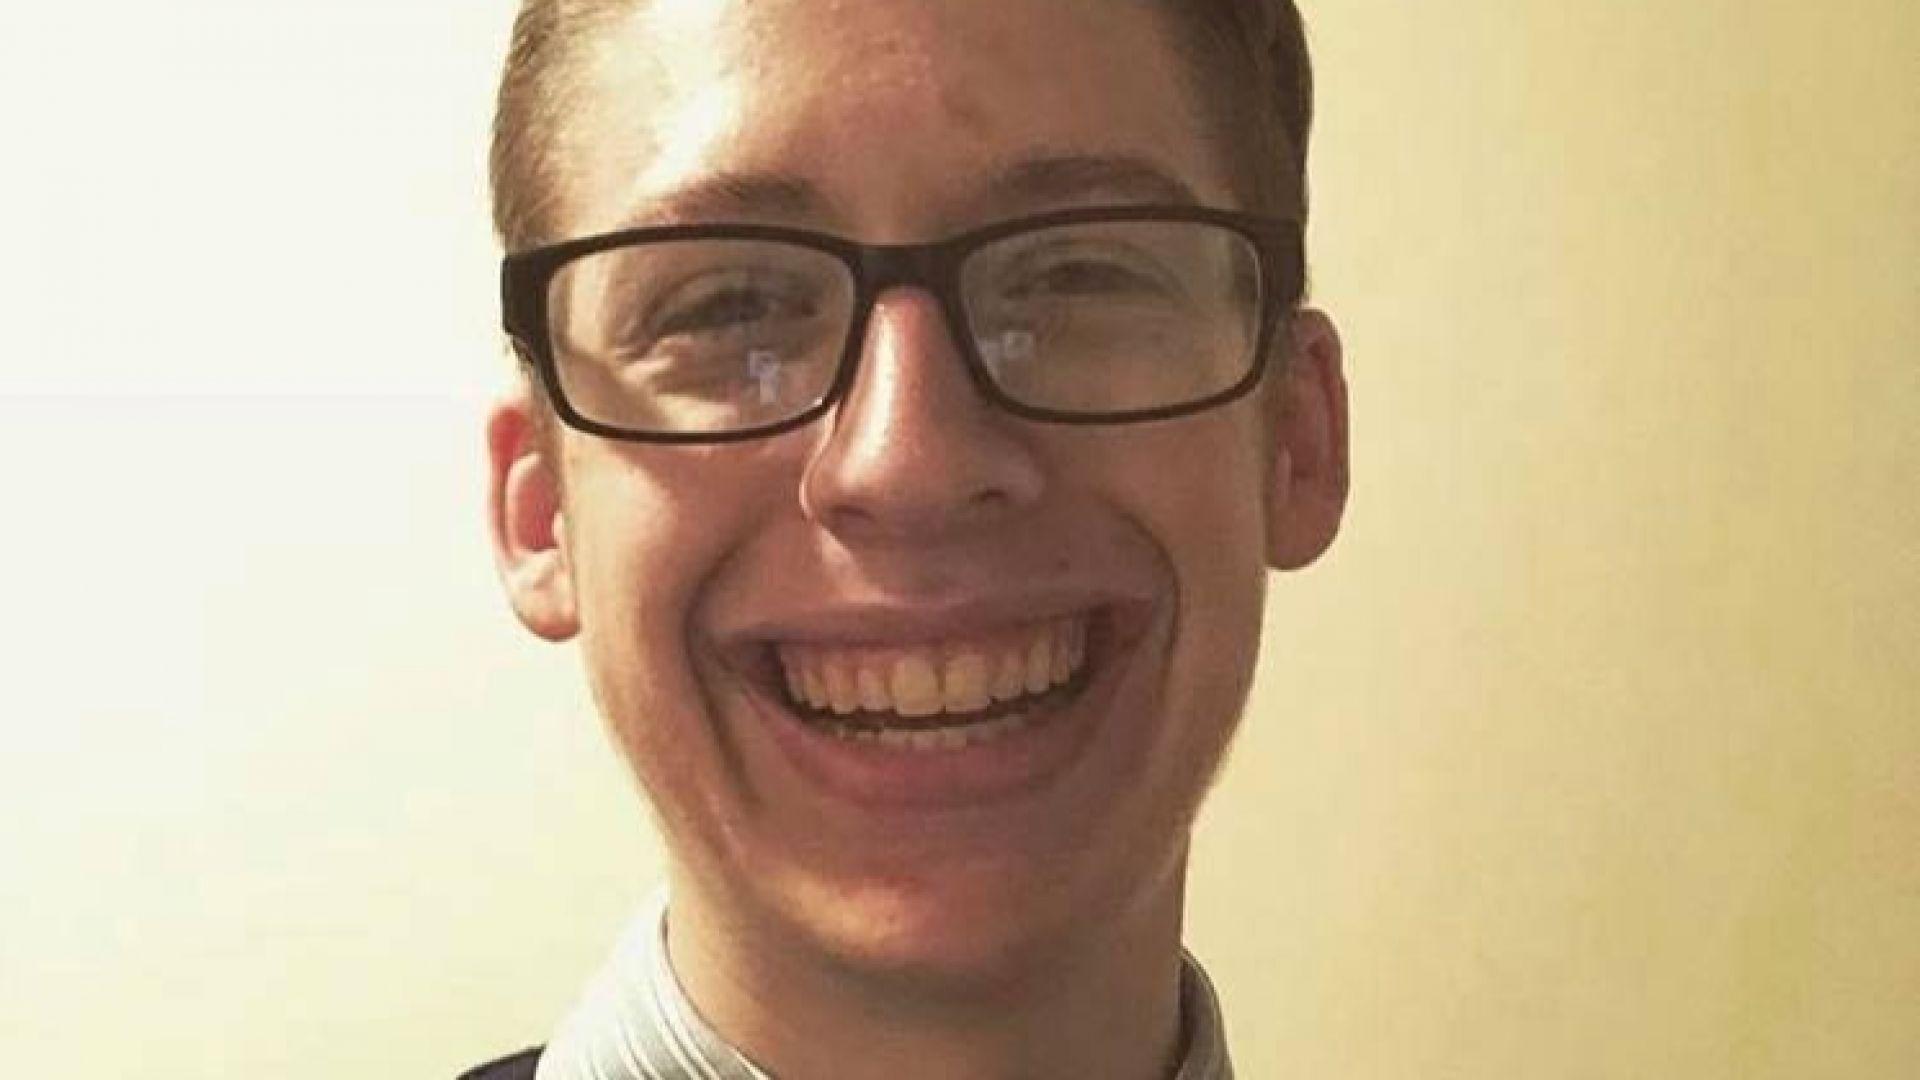 Синът на антиваксъри отпразнува пълнолетие като си направи ваксини